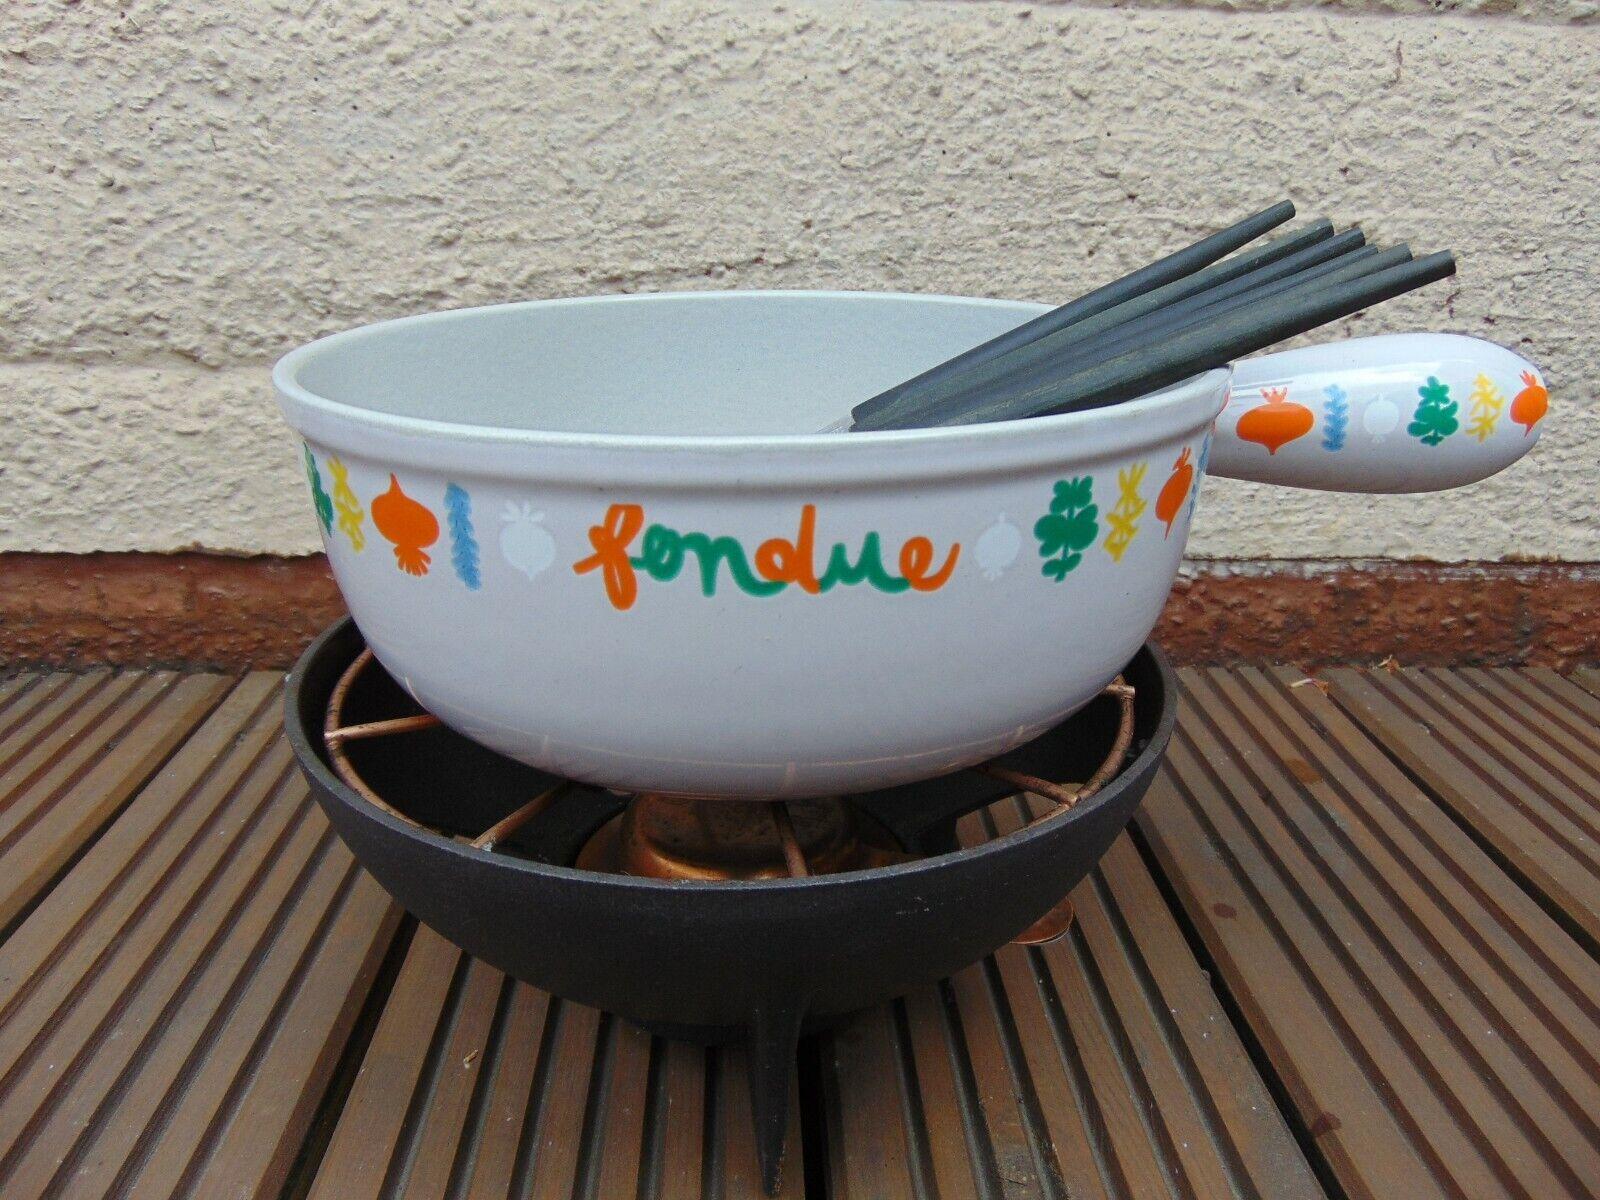 Vintage le creuset fondue Set Avec Support & fourchettes Large Légumes Design Bol